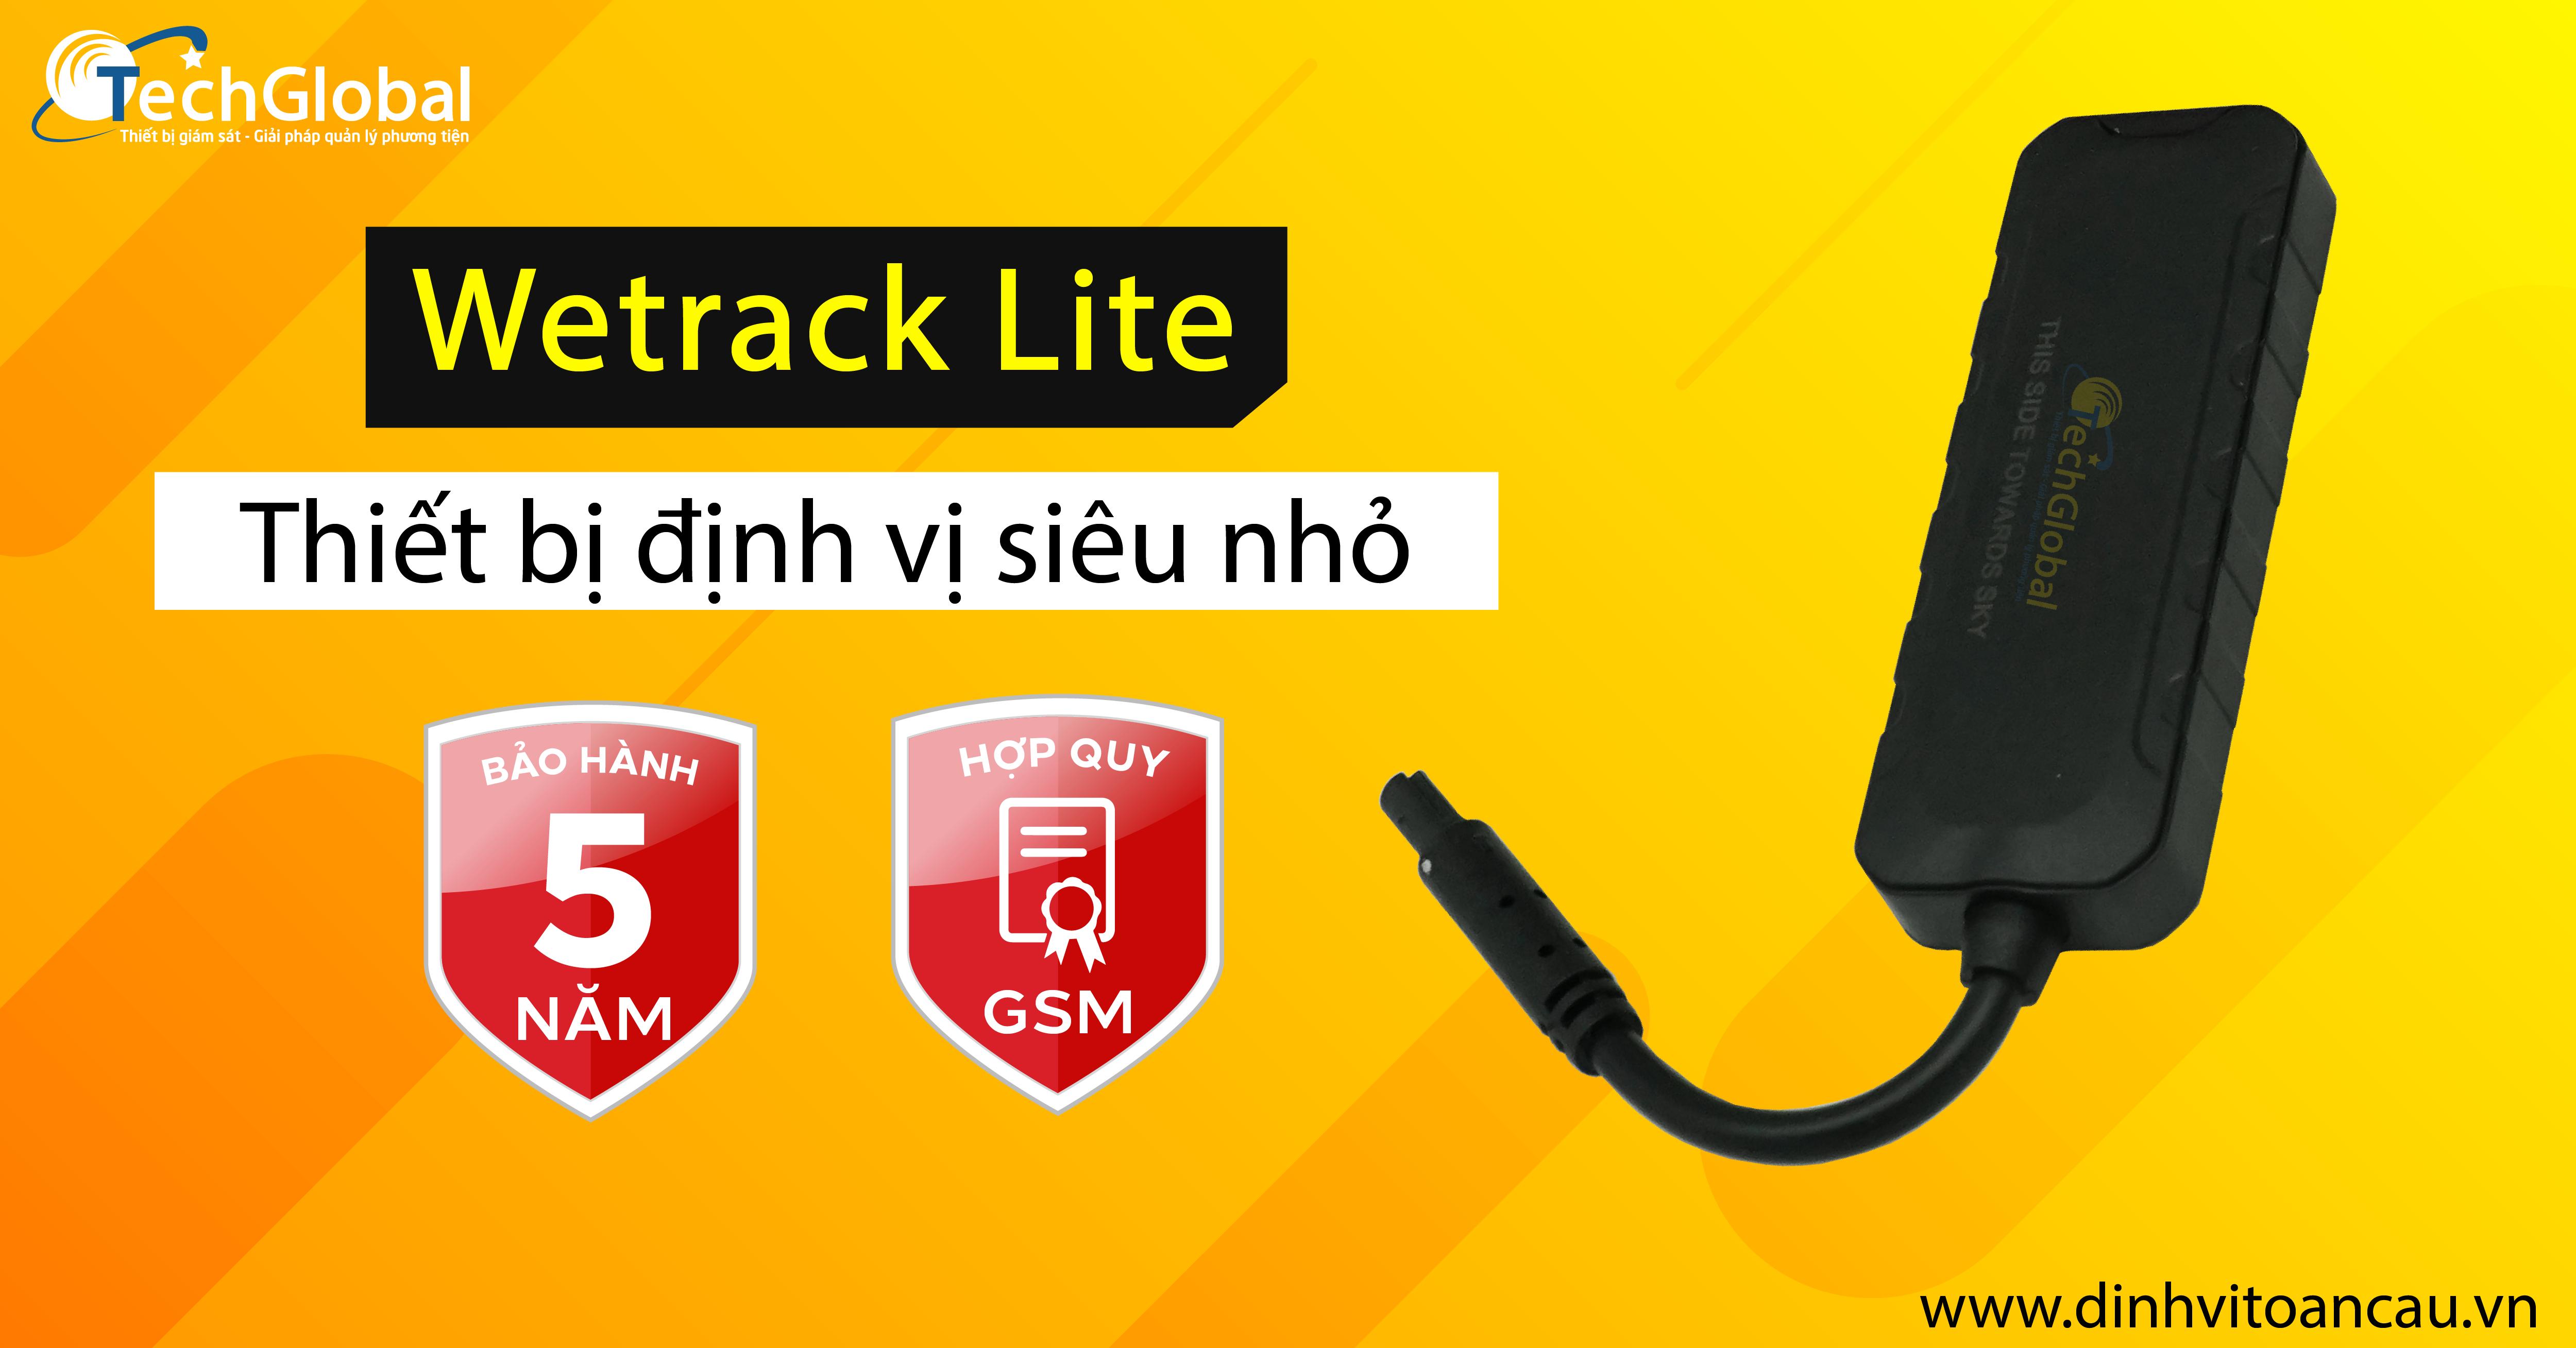 Mẫu định vị mini Wetrack lite đạt hợp quy GSM và được bảo hành lên tới 5 năm.